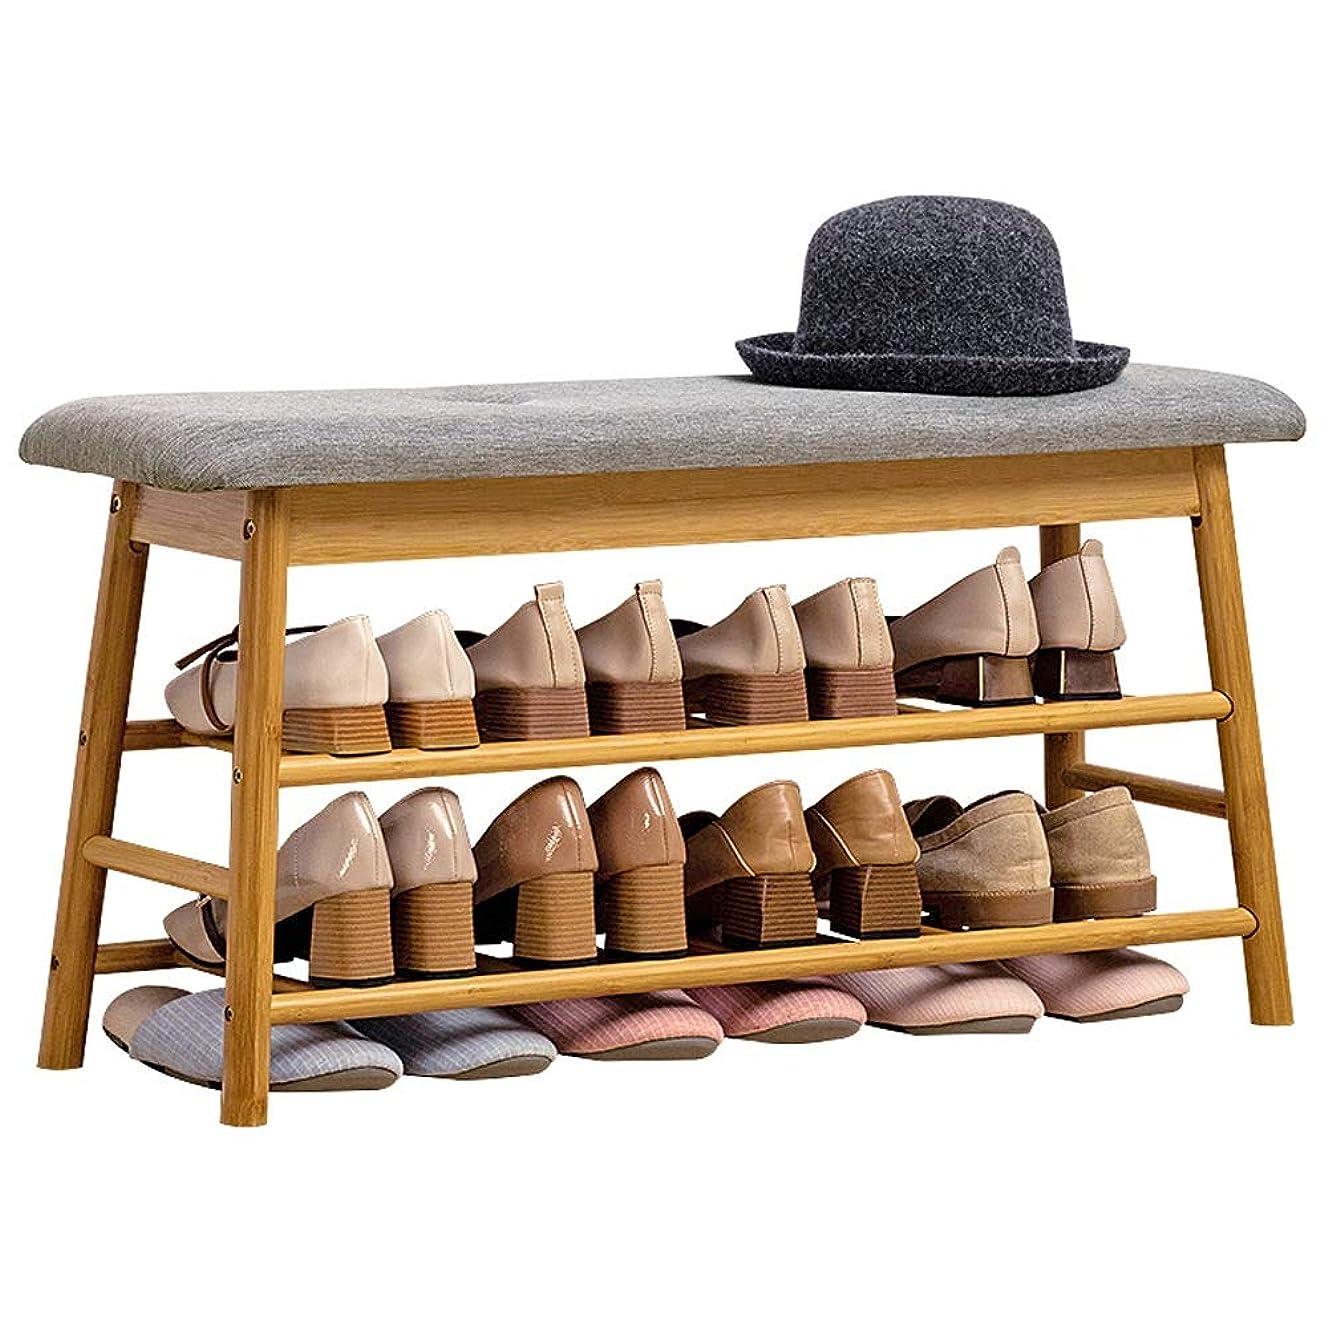 チャレンジ切り離す常習者JL 靴のスツールを変更すると、自宅のベッドの尾の長い靴のキャビネットをドアに座って、靴ラックの木製収納を着用することができます A++ (Size : 90cm)